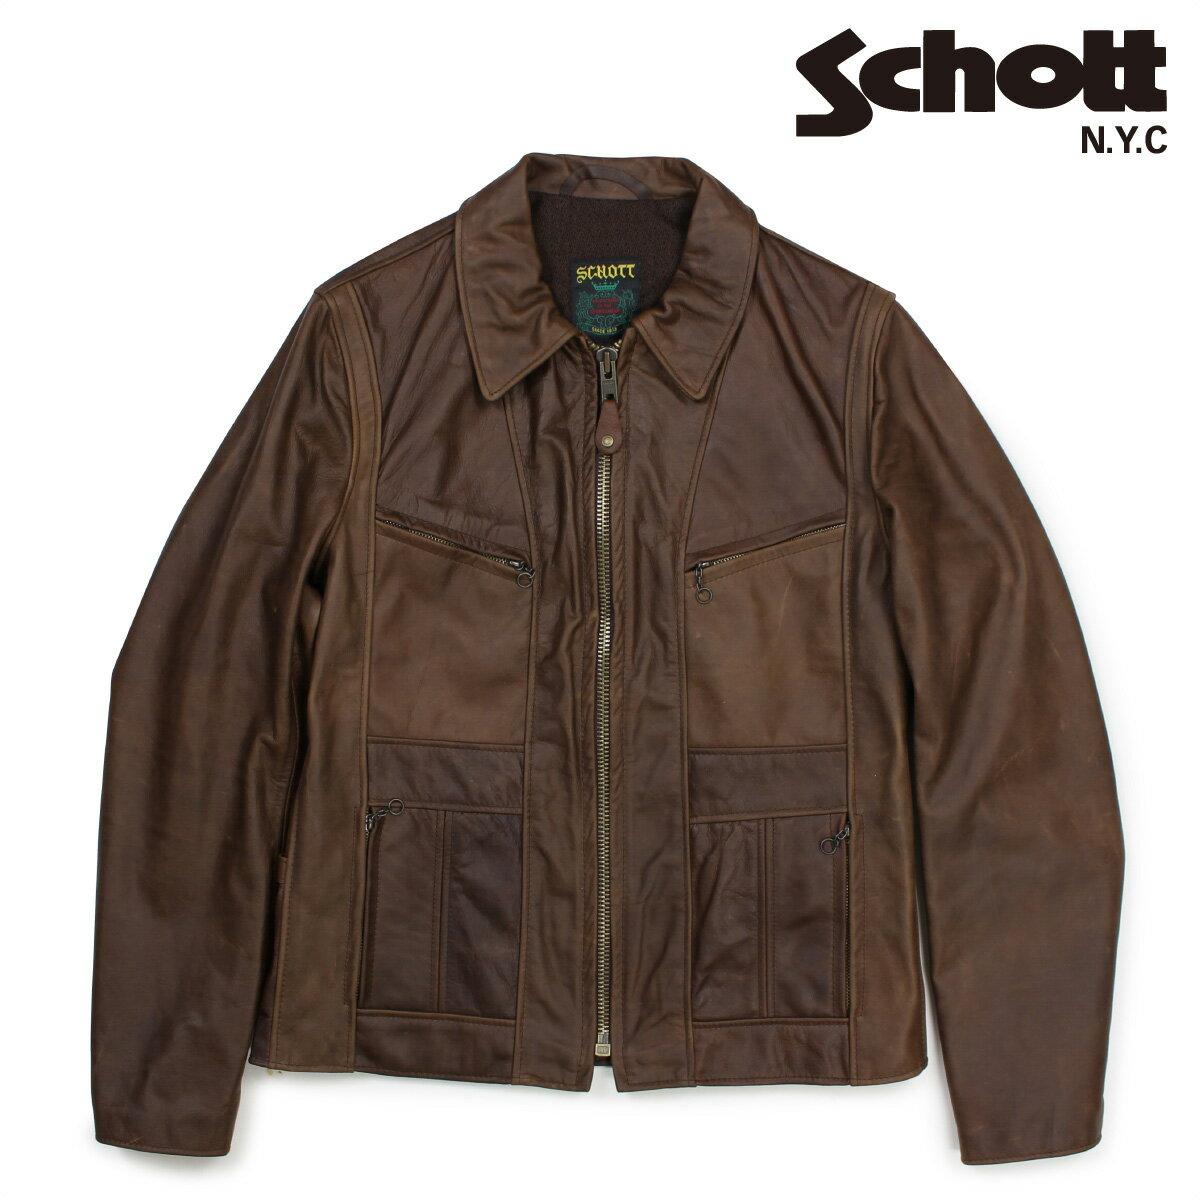 Schott MOTORCYCLE JACKET ショット シングルライダースジャケット ジャケット レザージャケット メンズ ブラウン 502